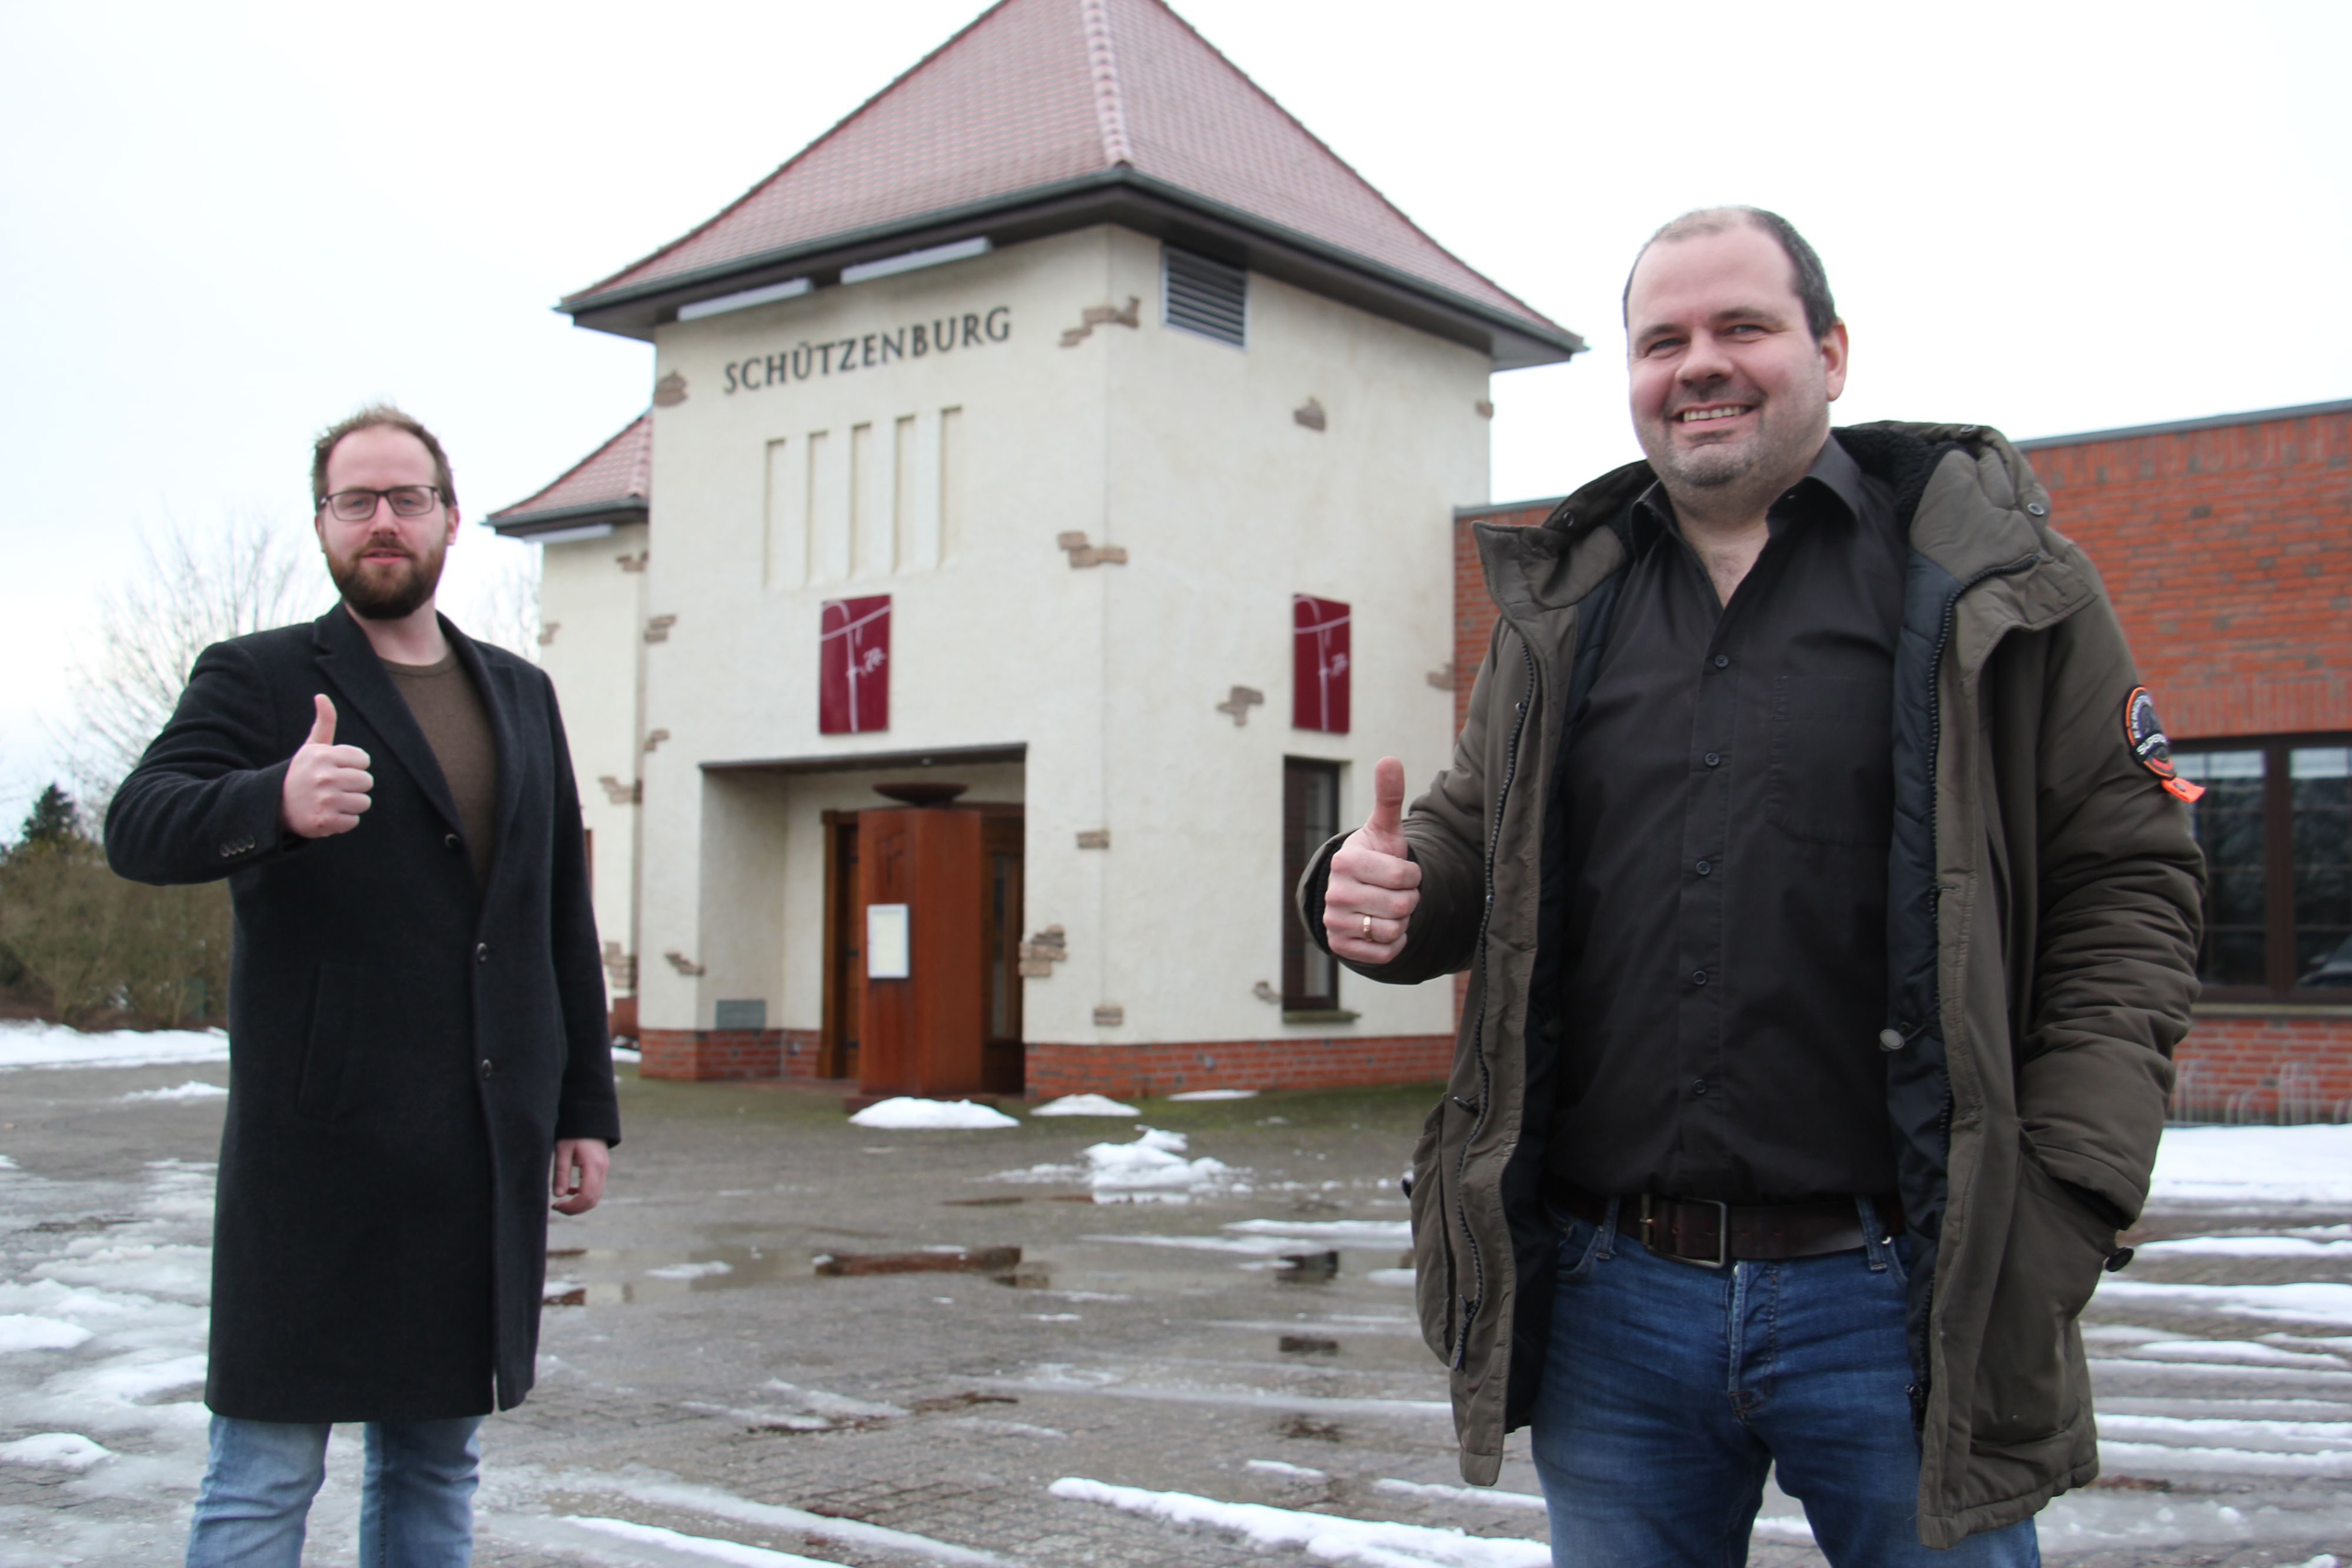 Daumen hoch für das Vereinsleben: Gastronom Matthias Kröger (rechts) und Schützenpräsident Simon Spille hoffen auf eine gute Zusammenarbeit in der Schützenburg. Foto: Speckmann